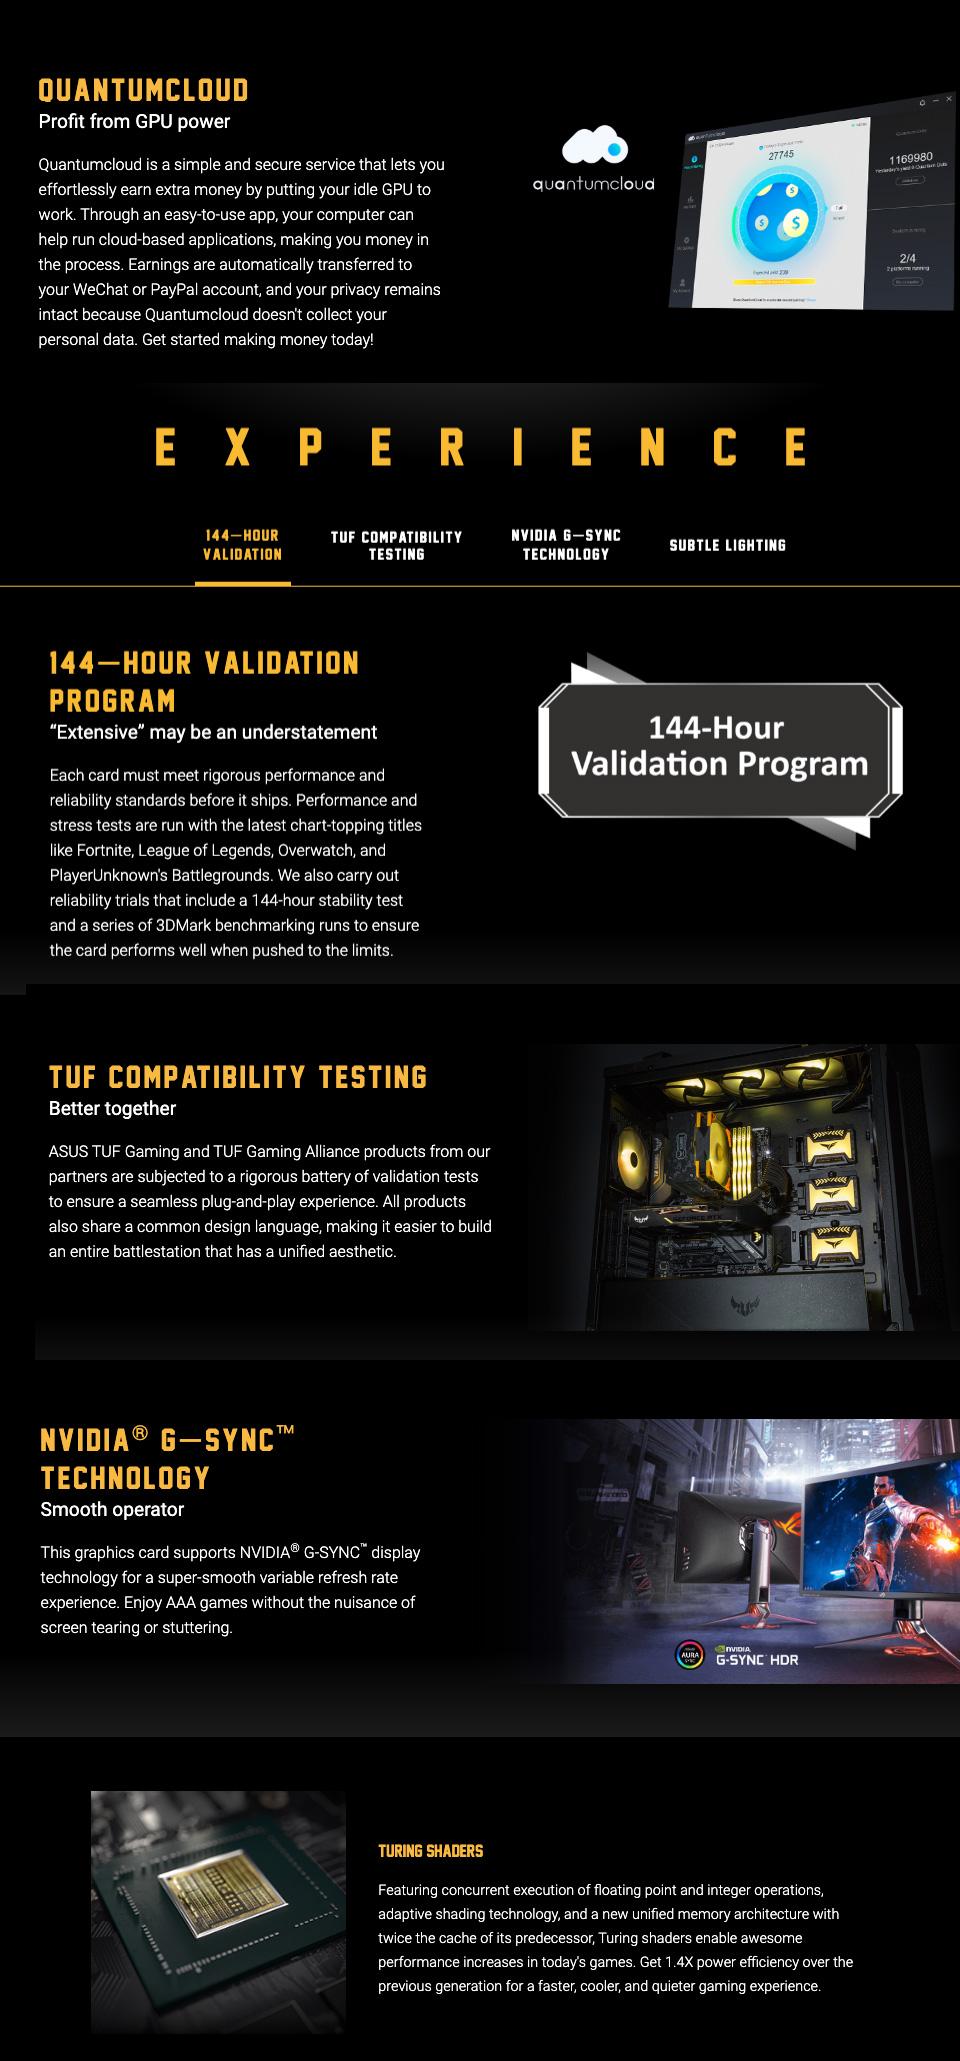 ASUS GeForce GTX 1660 Super TUF Gaming X3 OC 6GB features 3